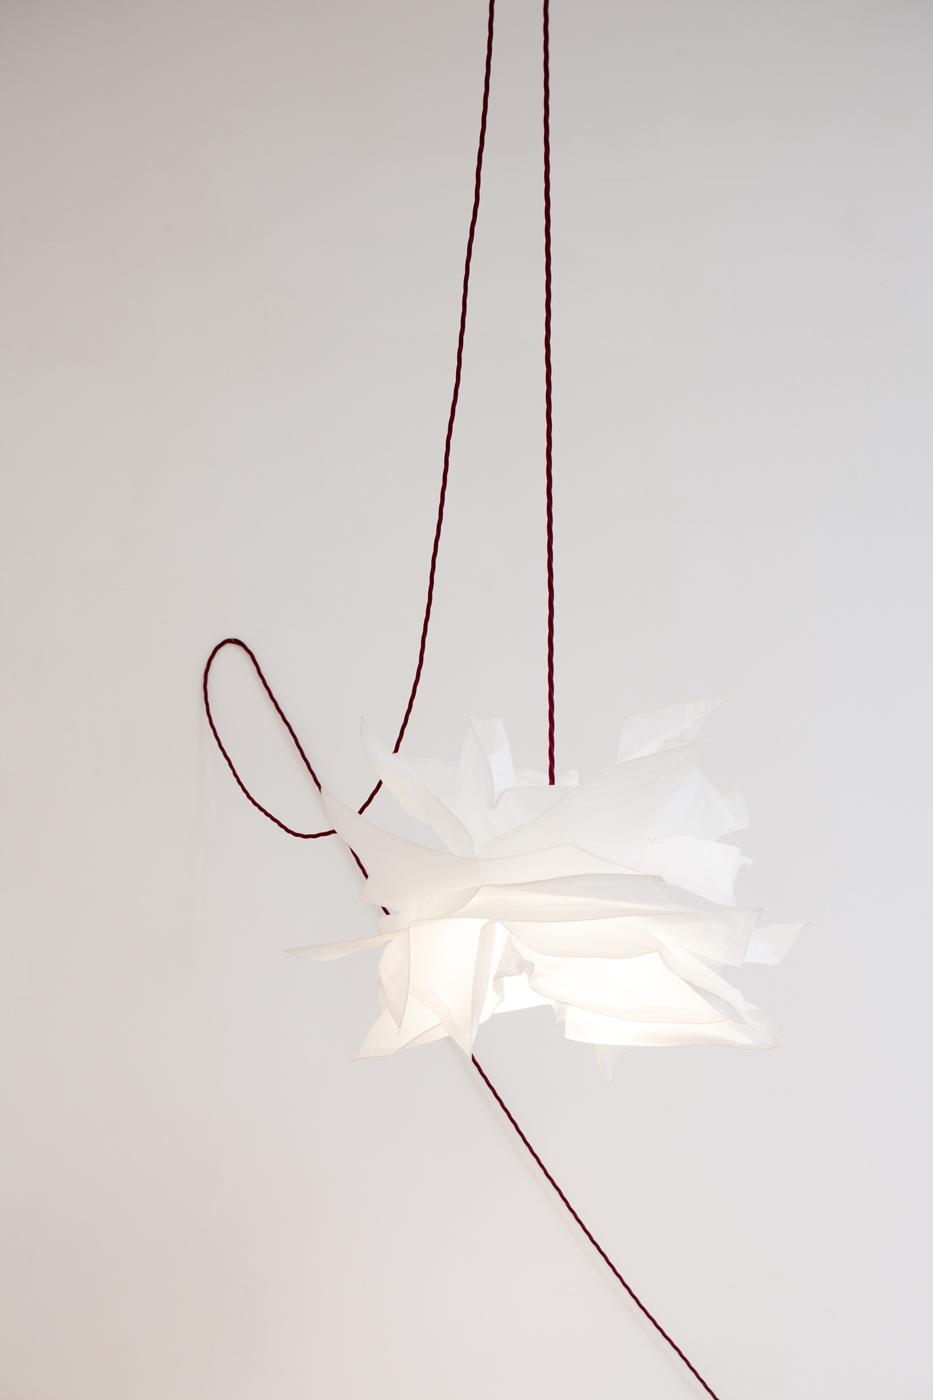 sans titre (lamp hanging)